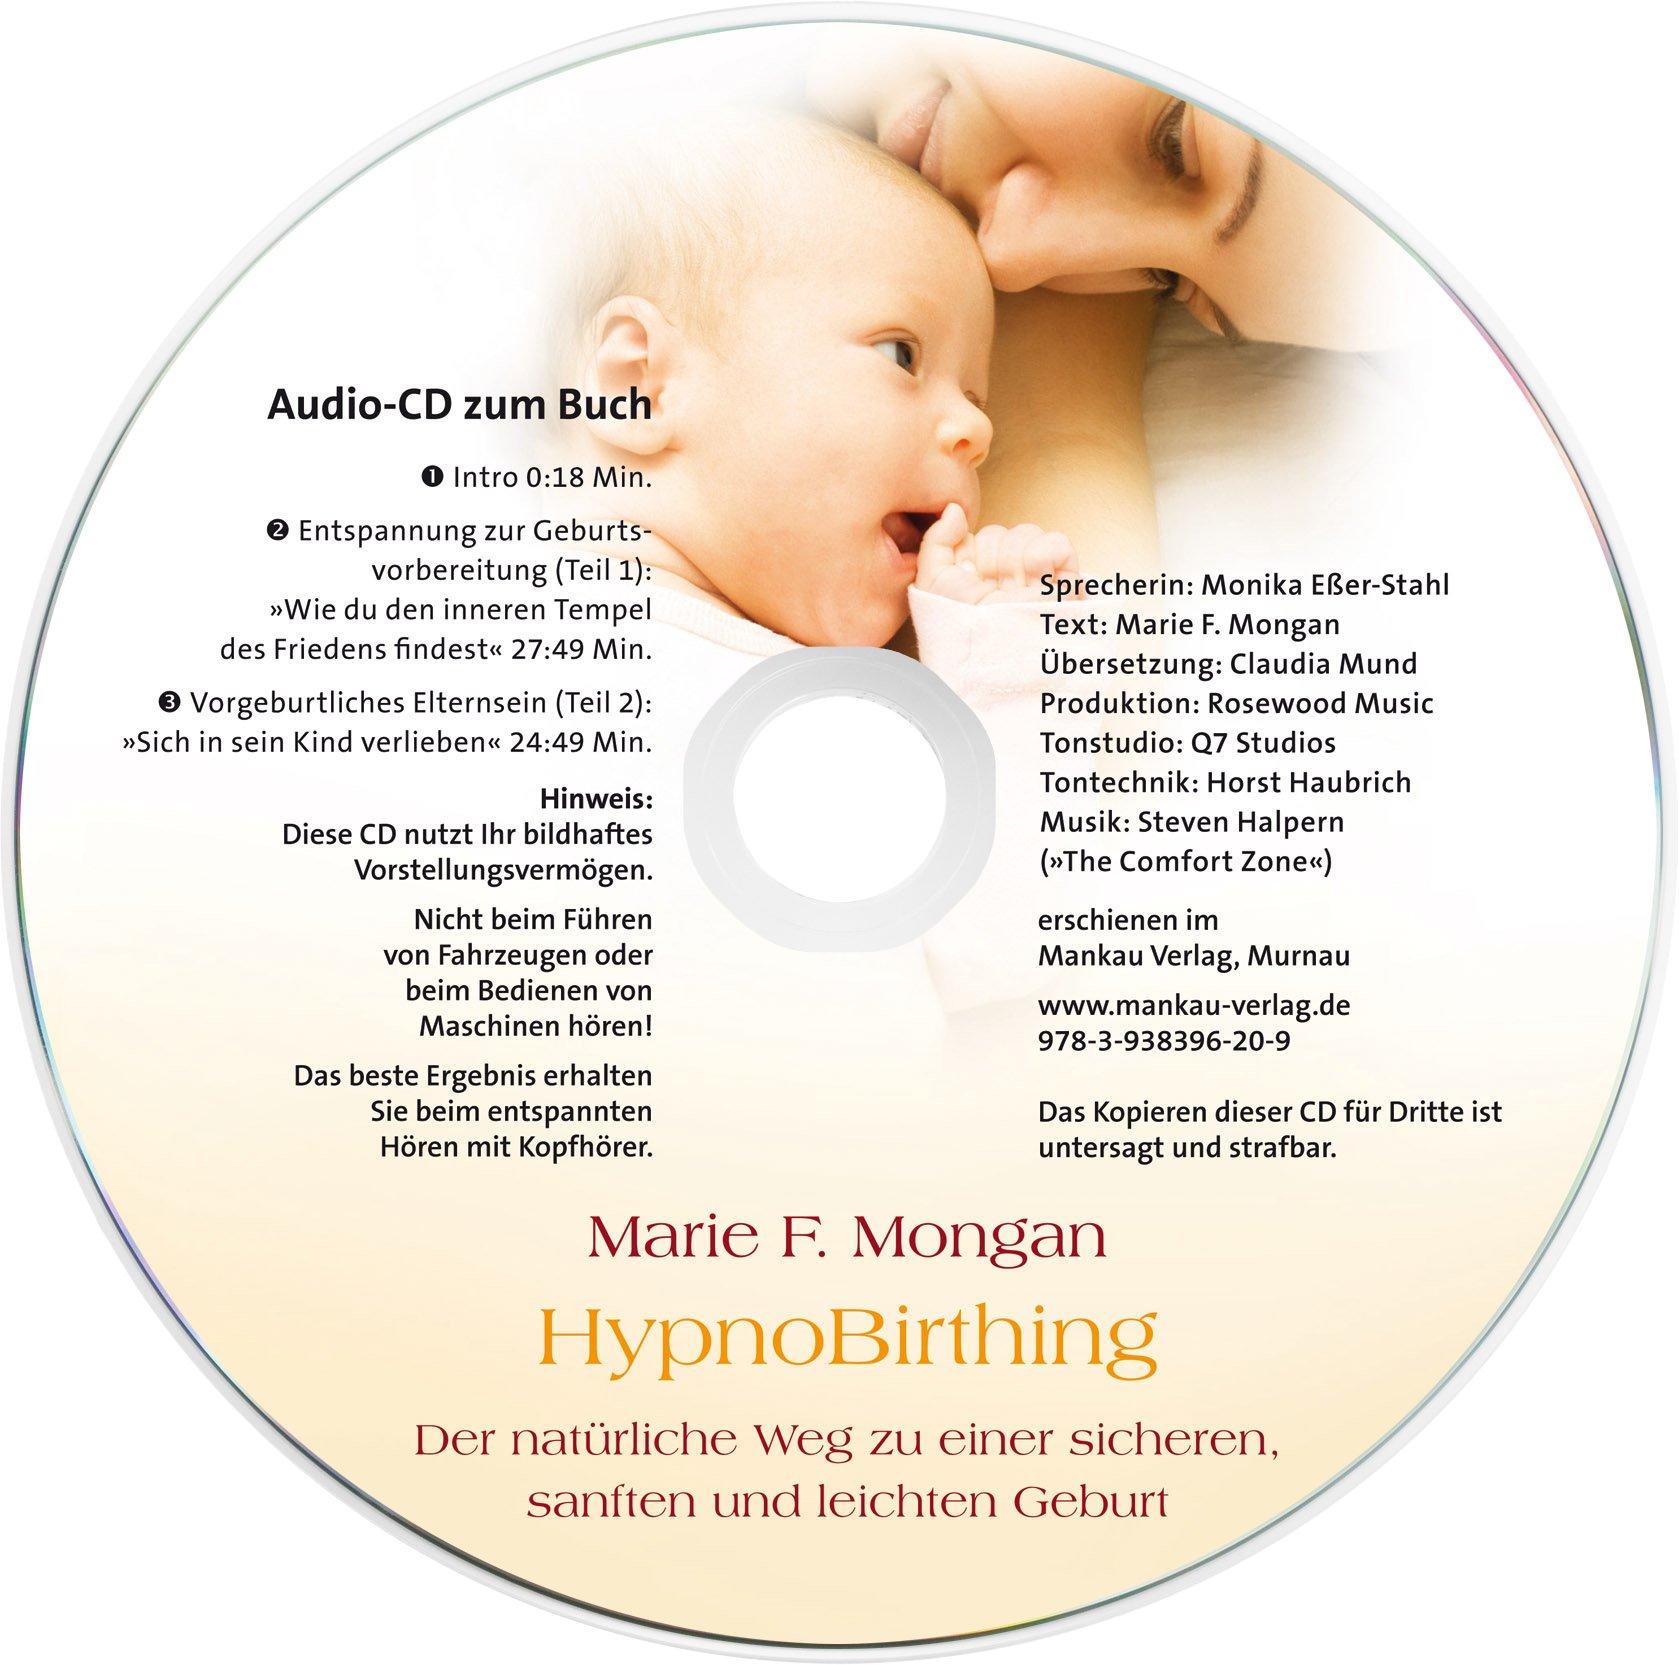 HypnoBirthing. Der natürliche Weg zu einer sicheren, sanften und leichten Geburt: Die Mongan-Methode – 10000fach bewährt! Mit Audio-CD!